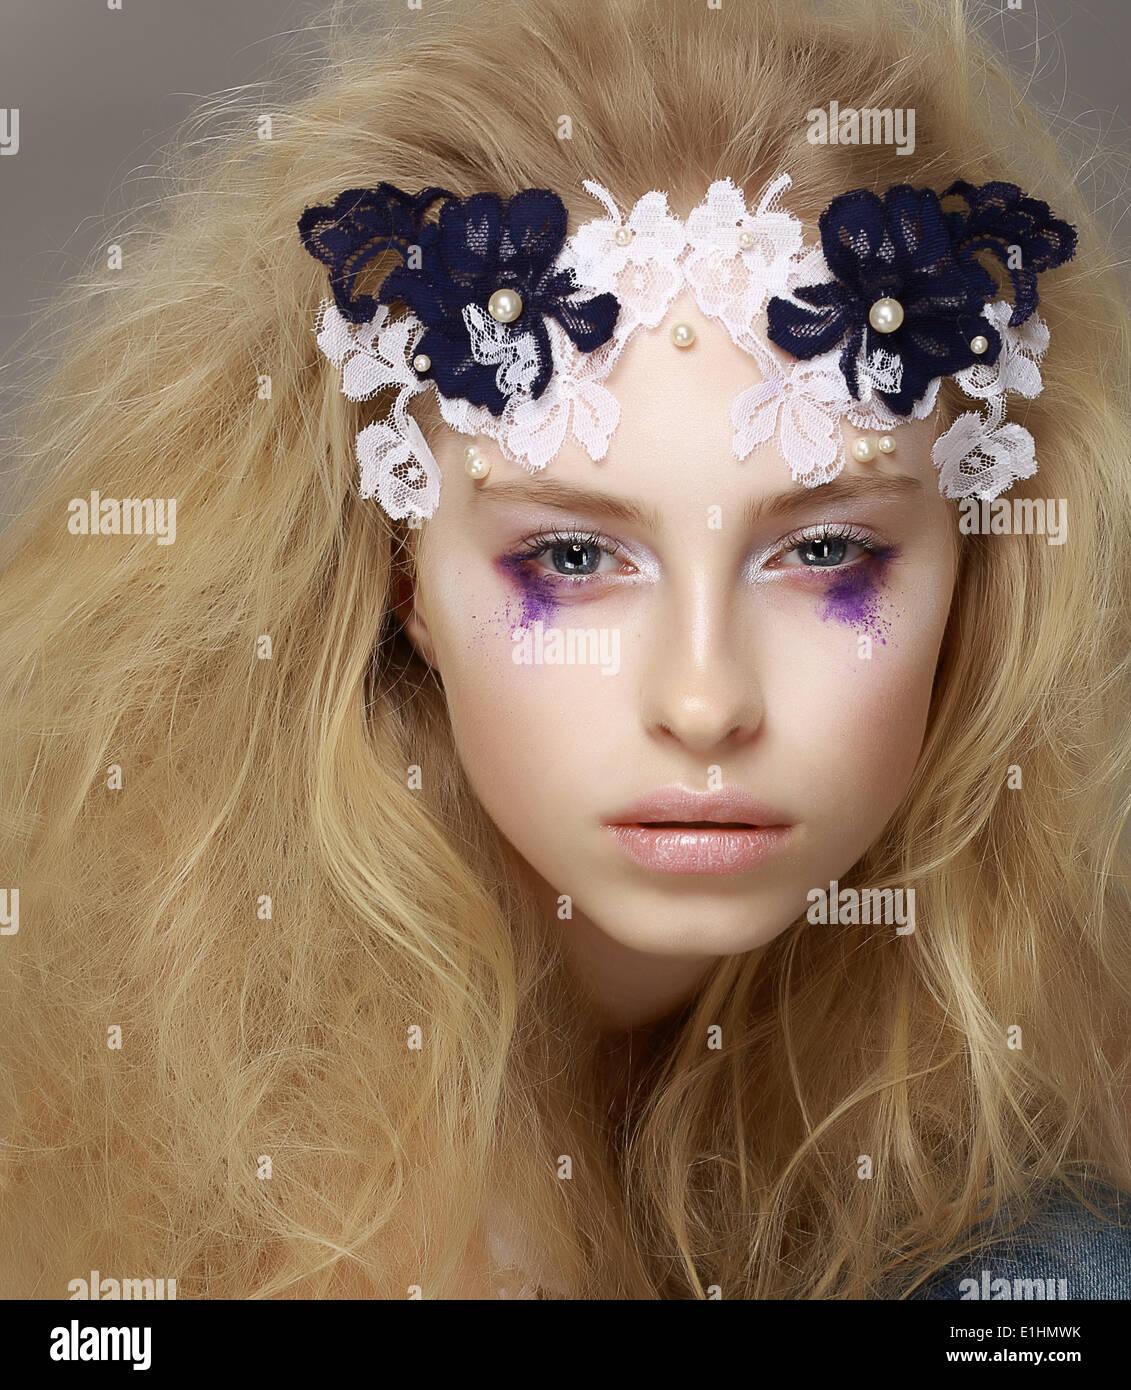 Spitze. Closeup Portrait von attraktiven Mode Model mit modernen Make-up Stockbild